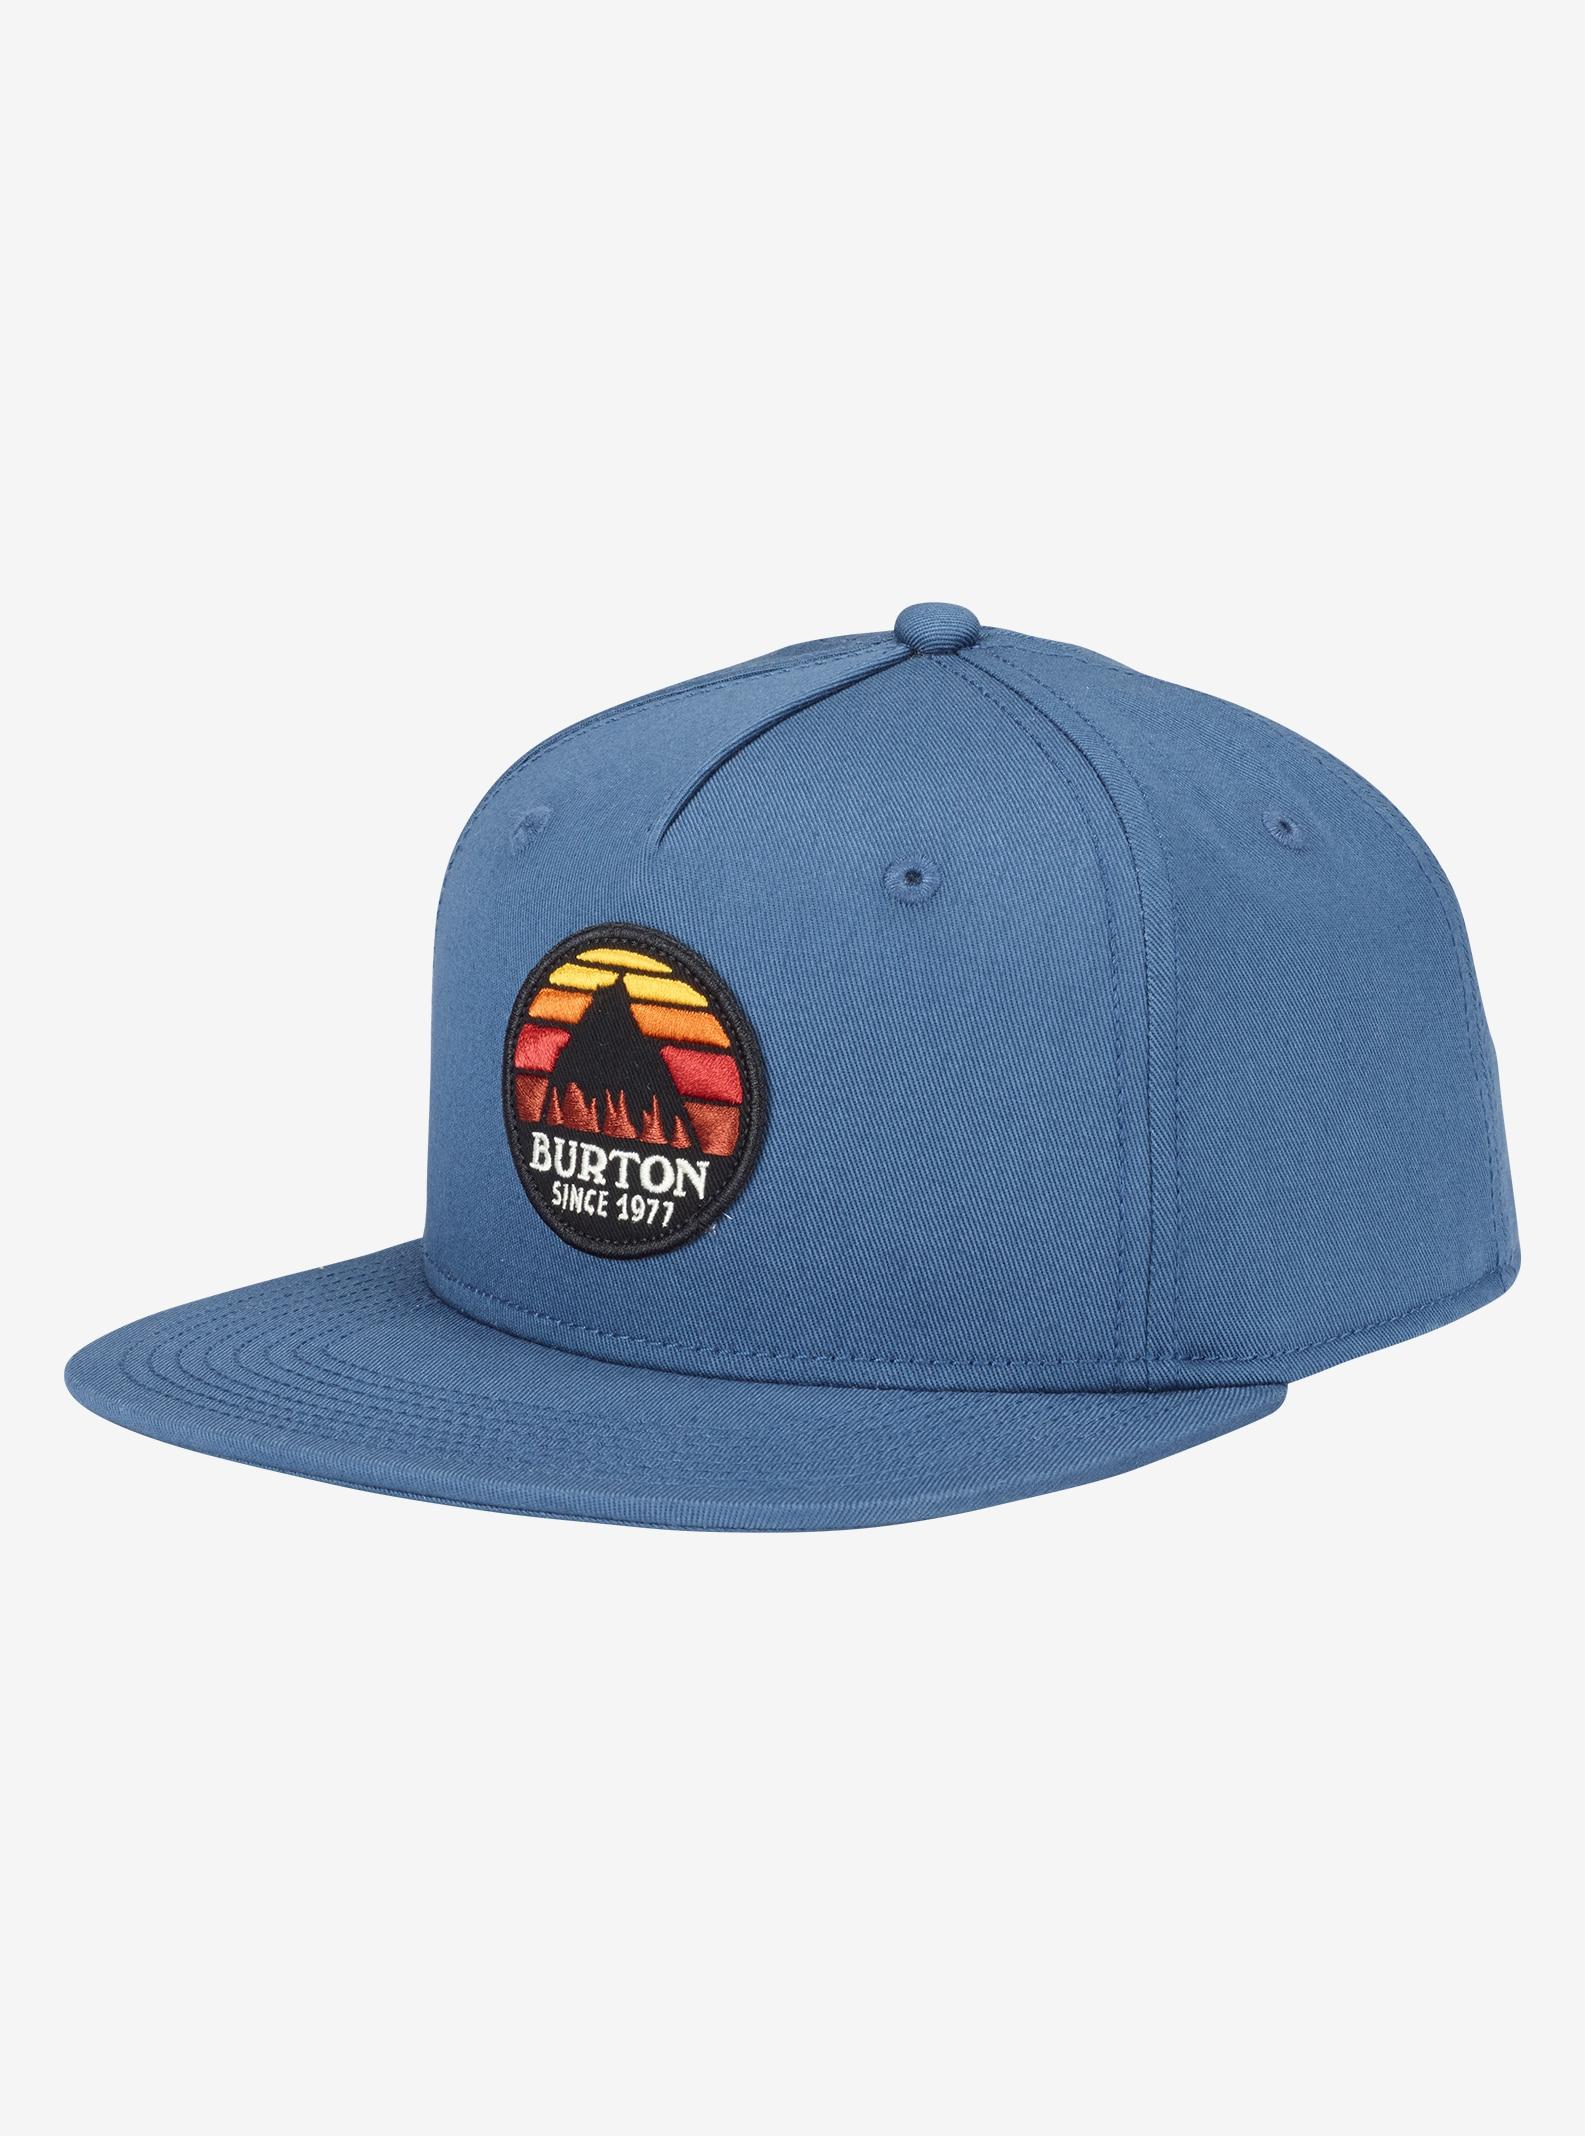 Burton Underhill Hat shown in Indigo